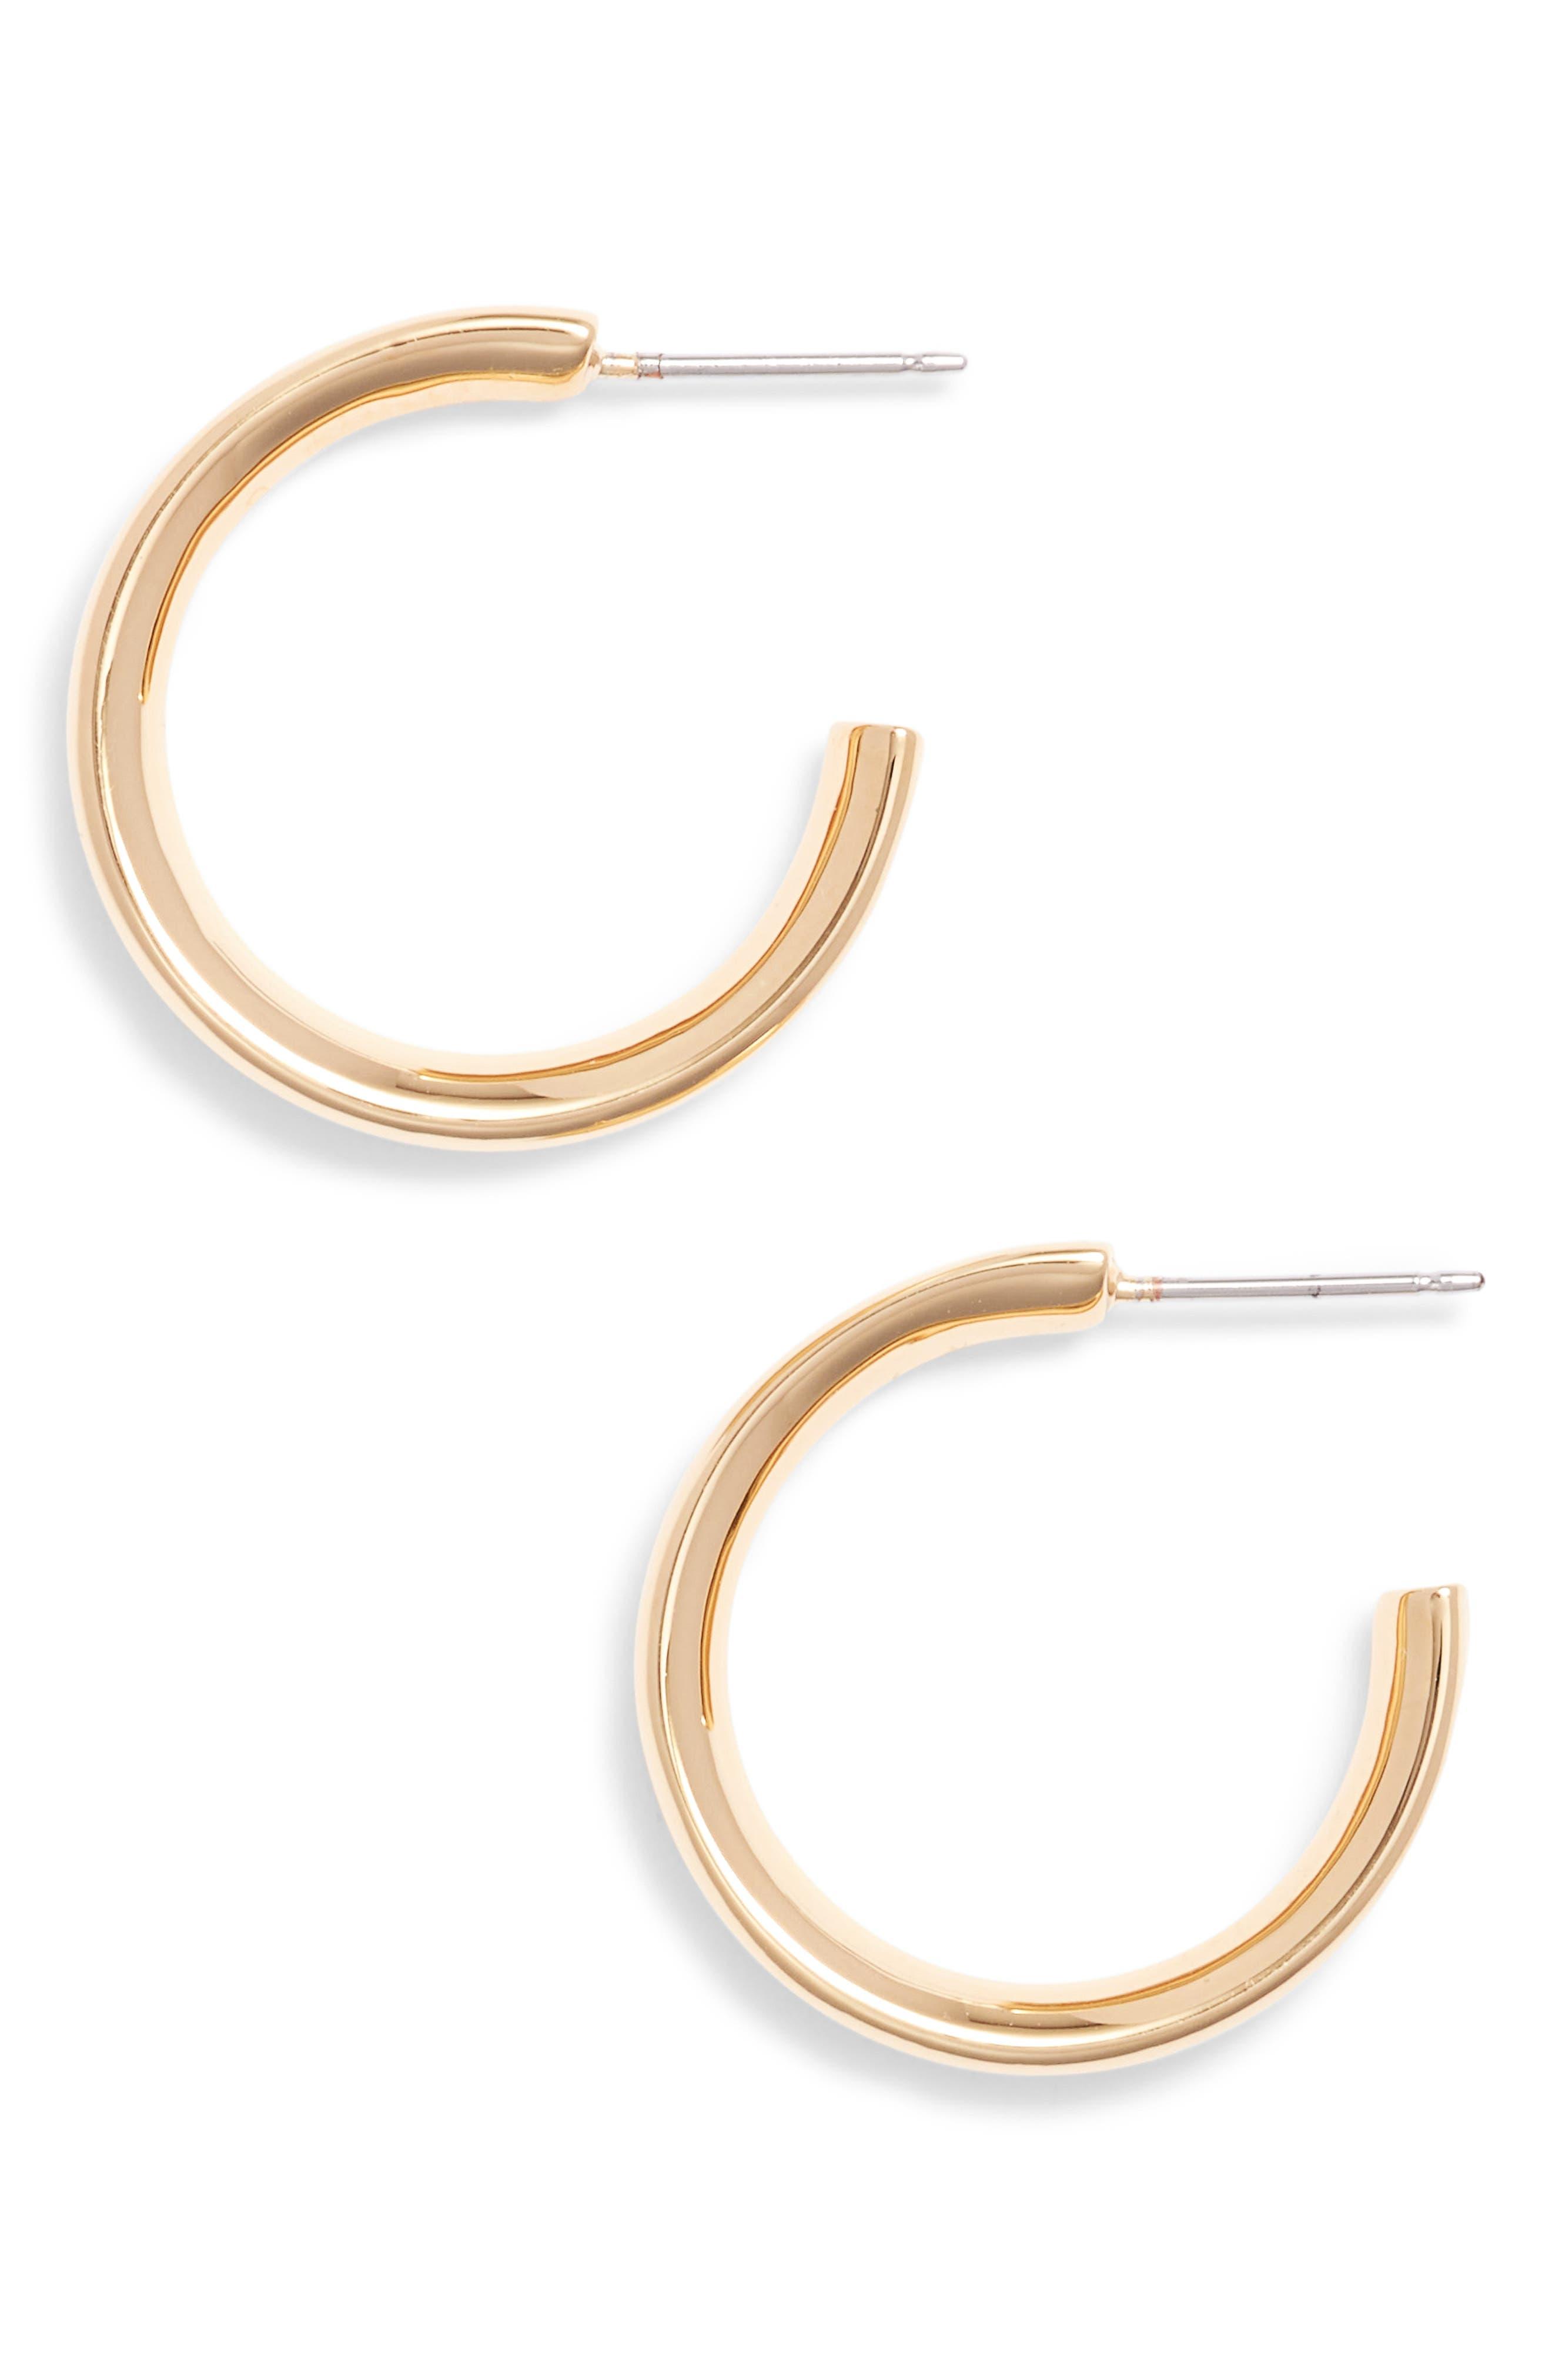 Alternate Image 1 Selected - Stella Valle Heart Shaped Hoop Earrings